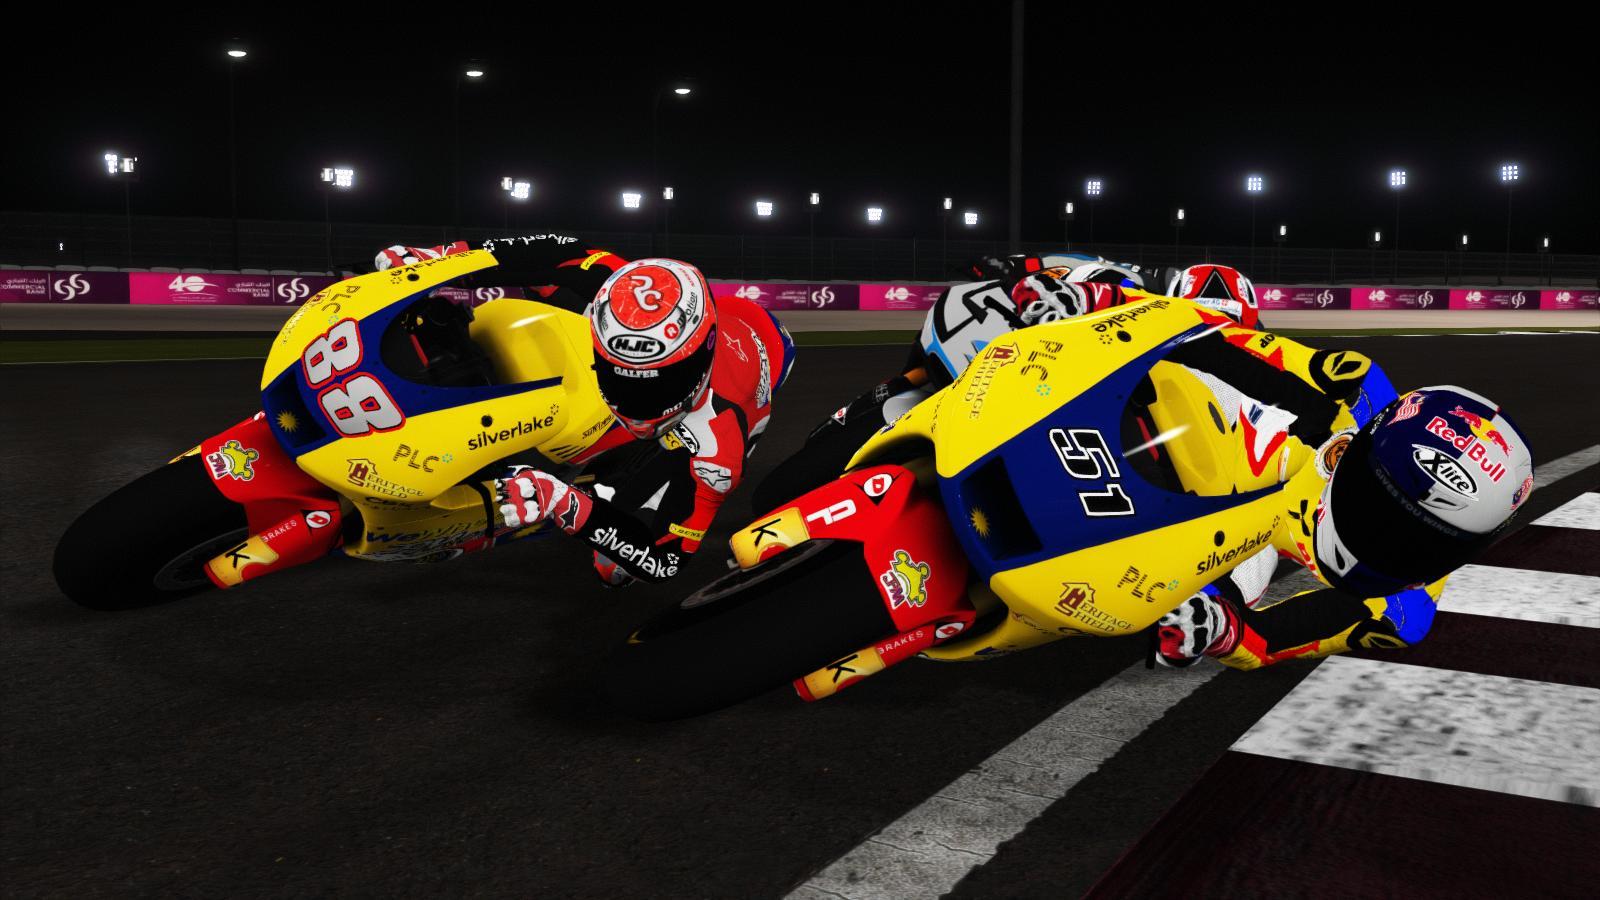 MotoGP15X64 2016-03-08 15-02-29-45.jpg